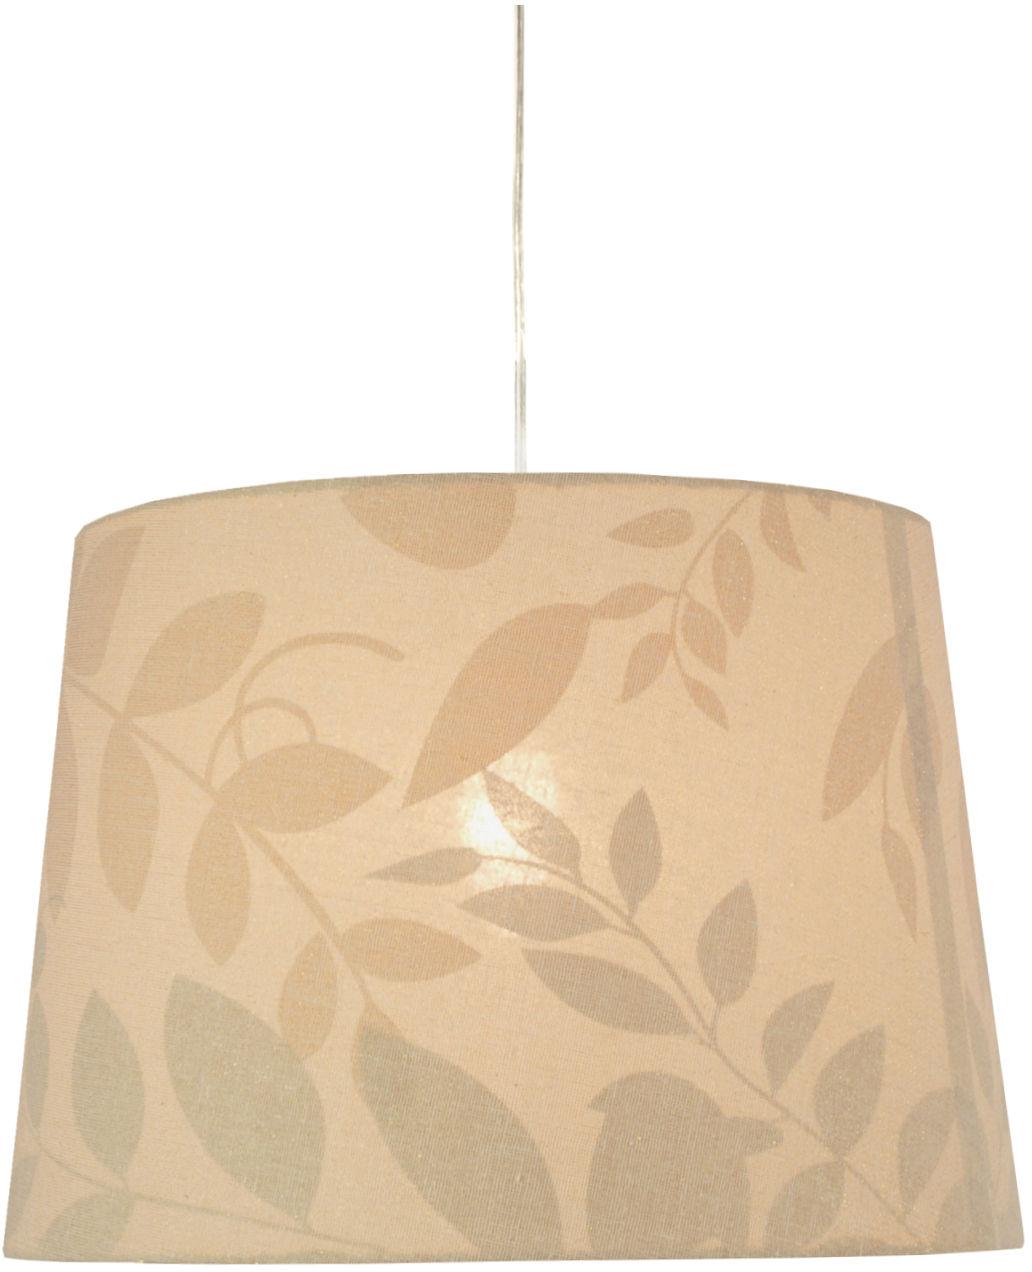 Candellux MIRAGE 31-03218 lampa wisząca abażur stożkowy biały z roślinnym motywem 1X60W E27 35 cm